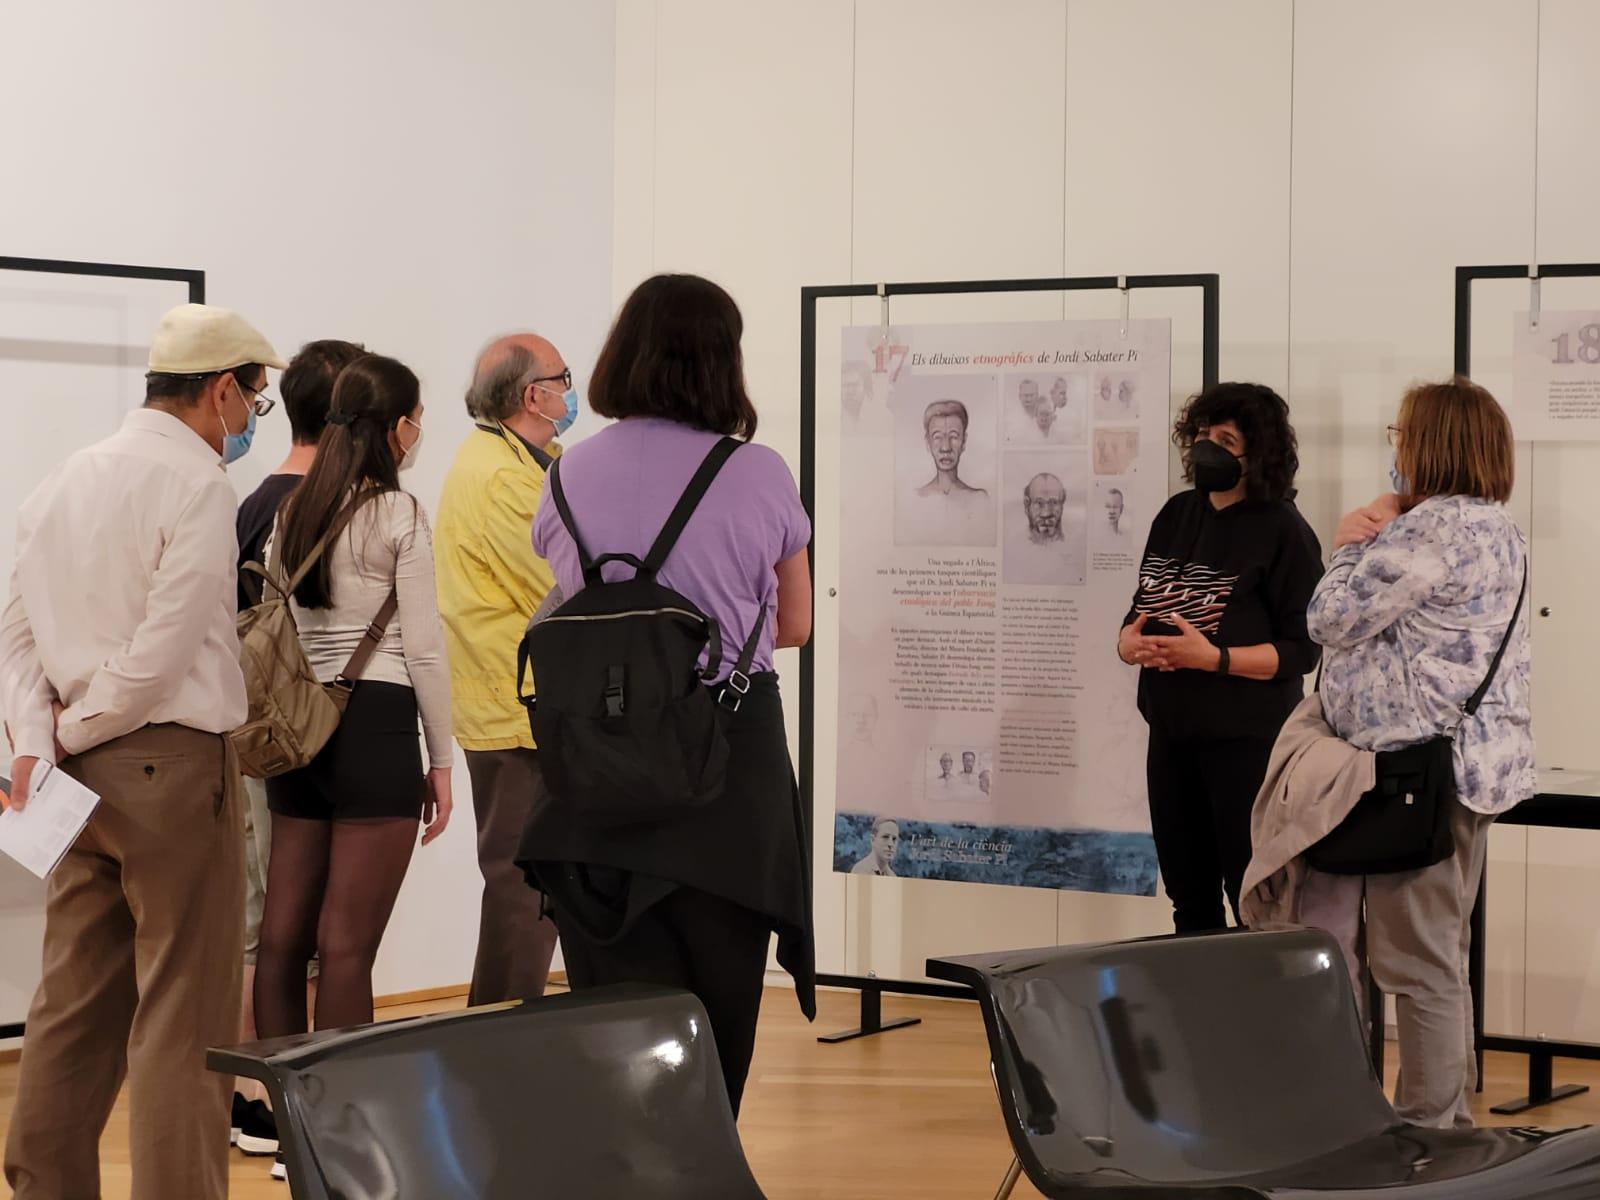 Visita guiada a l'exposició Jordi Sabater Pi. L'art de la ciència